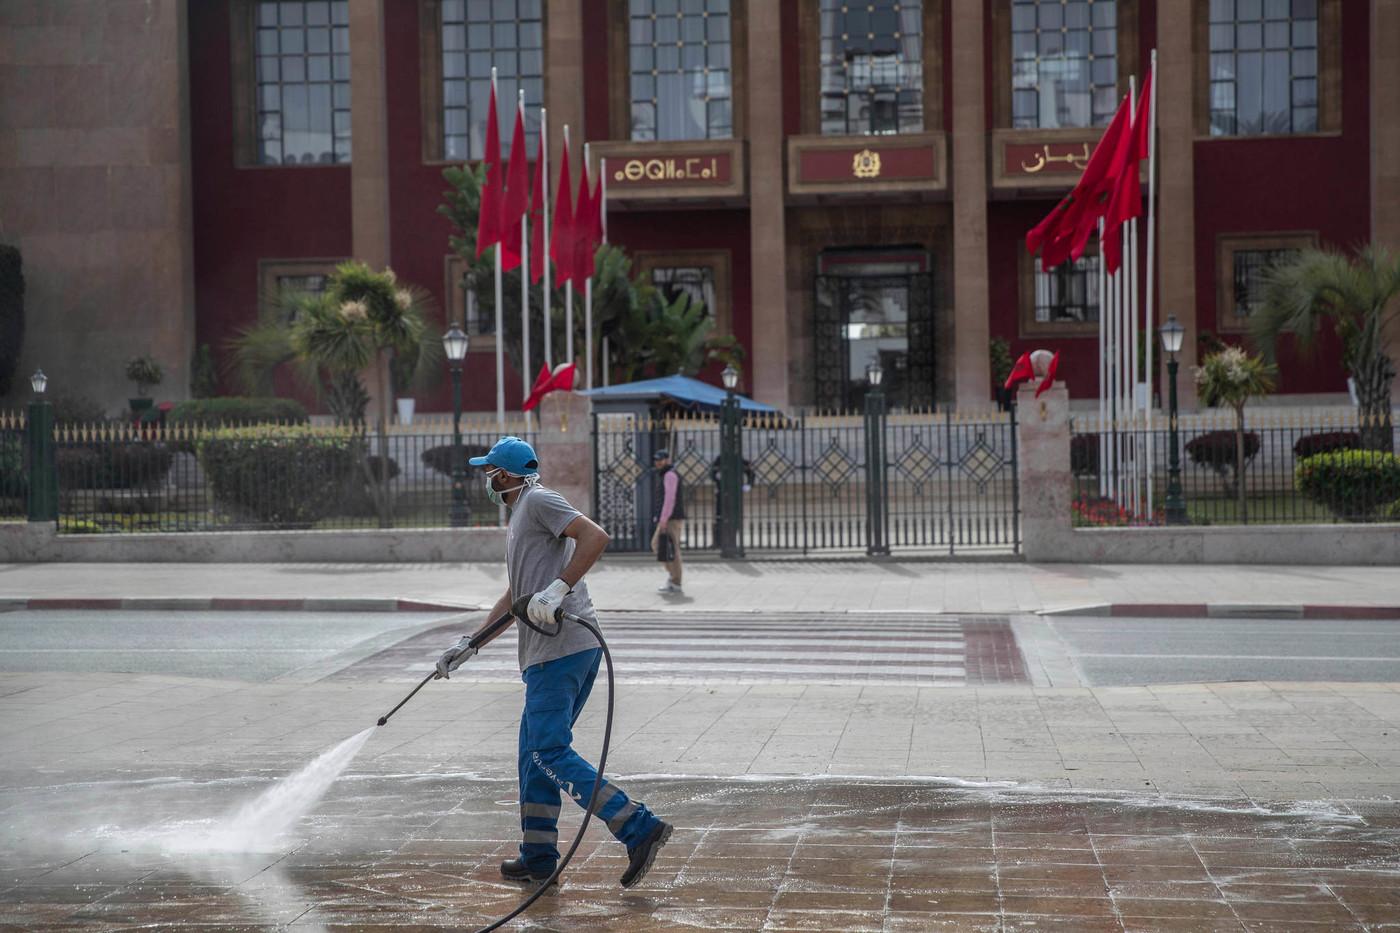 منظمة الصحة لا تنصح بإبقاء الحدود الدولية مغلقة لمحاربة فيروس كورونا